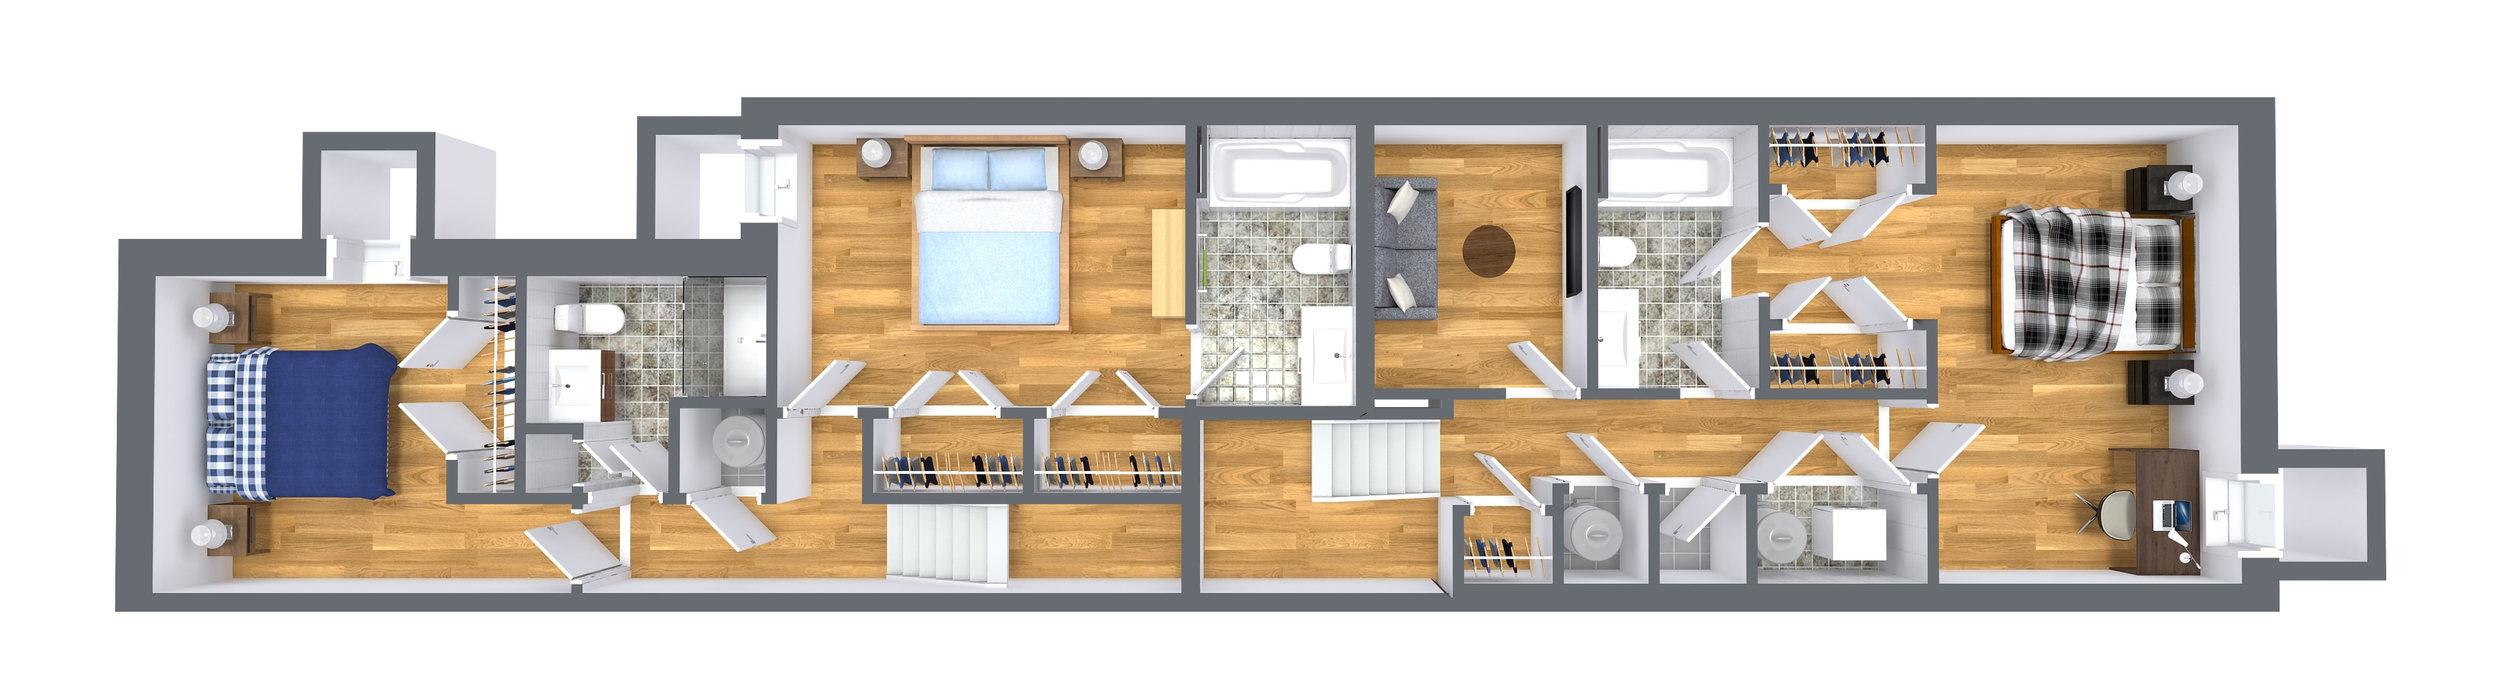 Basement - Bi-Level One Bedroom, One Full Bathroom + Den,1,050 SqrFt.Bi-Level Two Bedroom, Two Full Bathroom, 1,225 SqrFt.